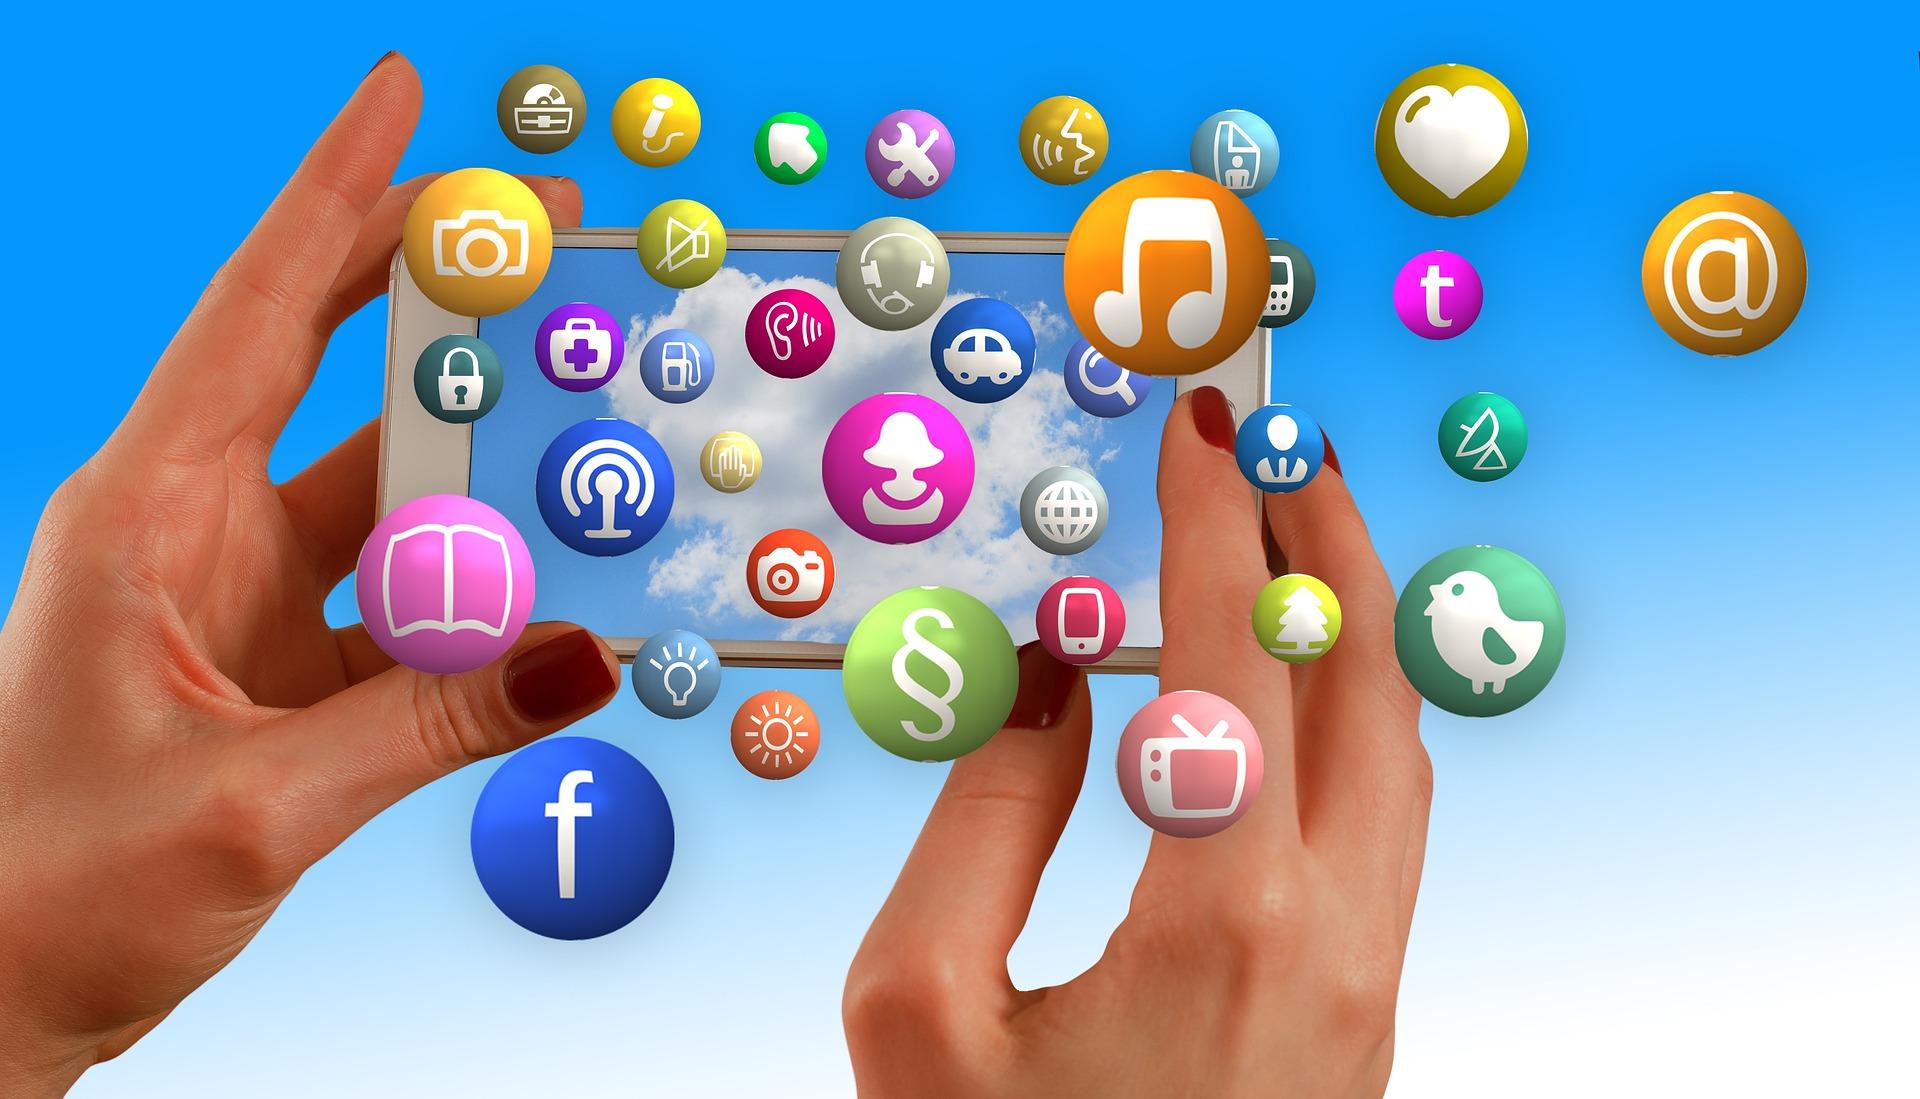 Hender som holder en smarttelefon med ikoner fra sosiale medier